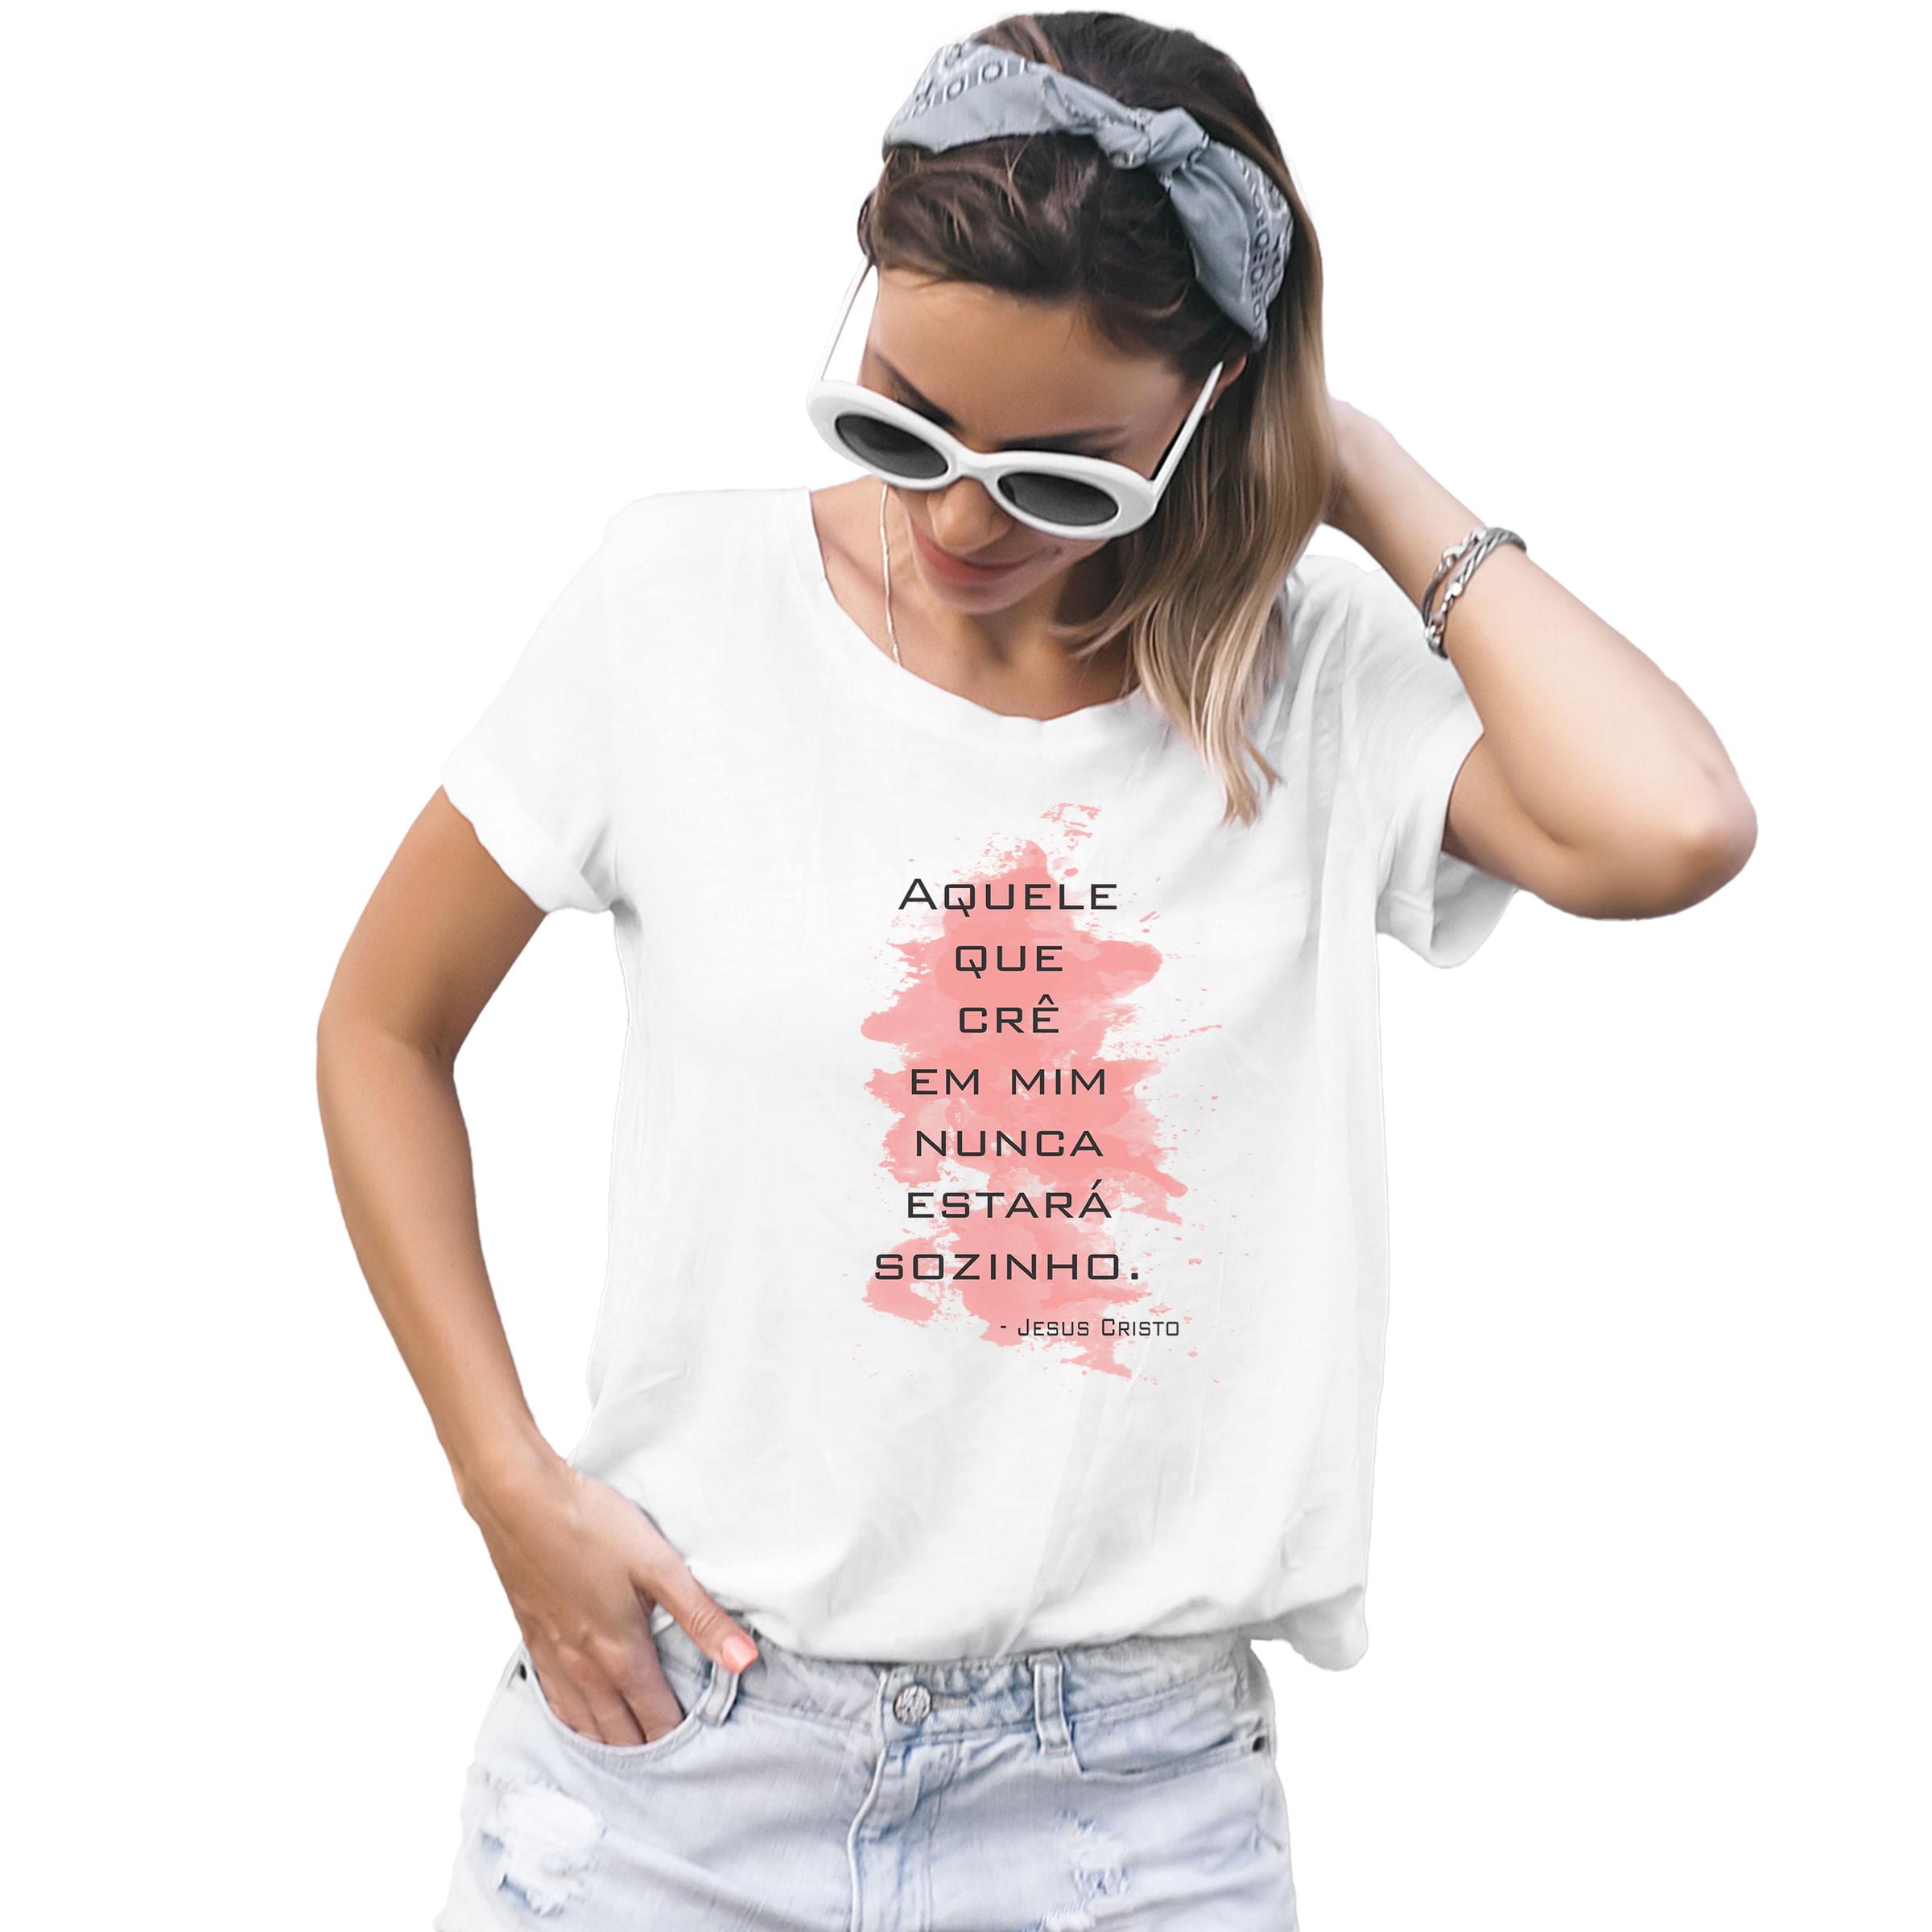 Camiseta-Feminina-Crista-Aquele-que-Cre-em-Mim-Nunca-Estara-Sozinho---Palavra-De-Luz